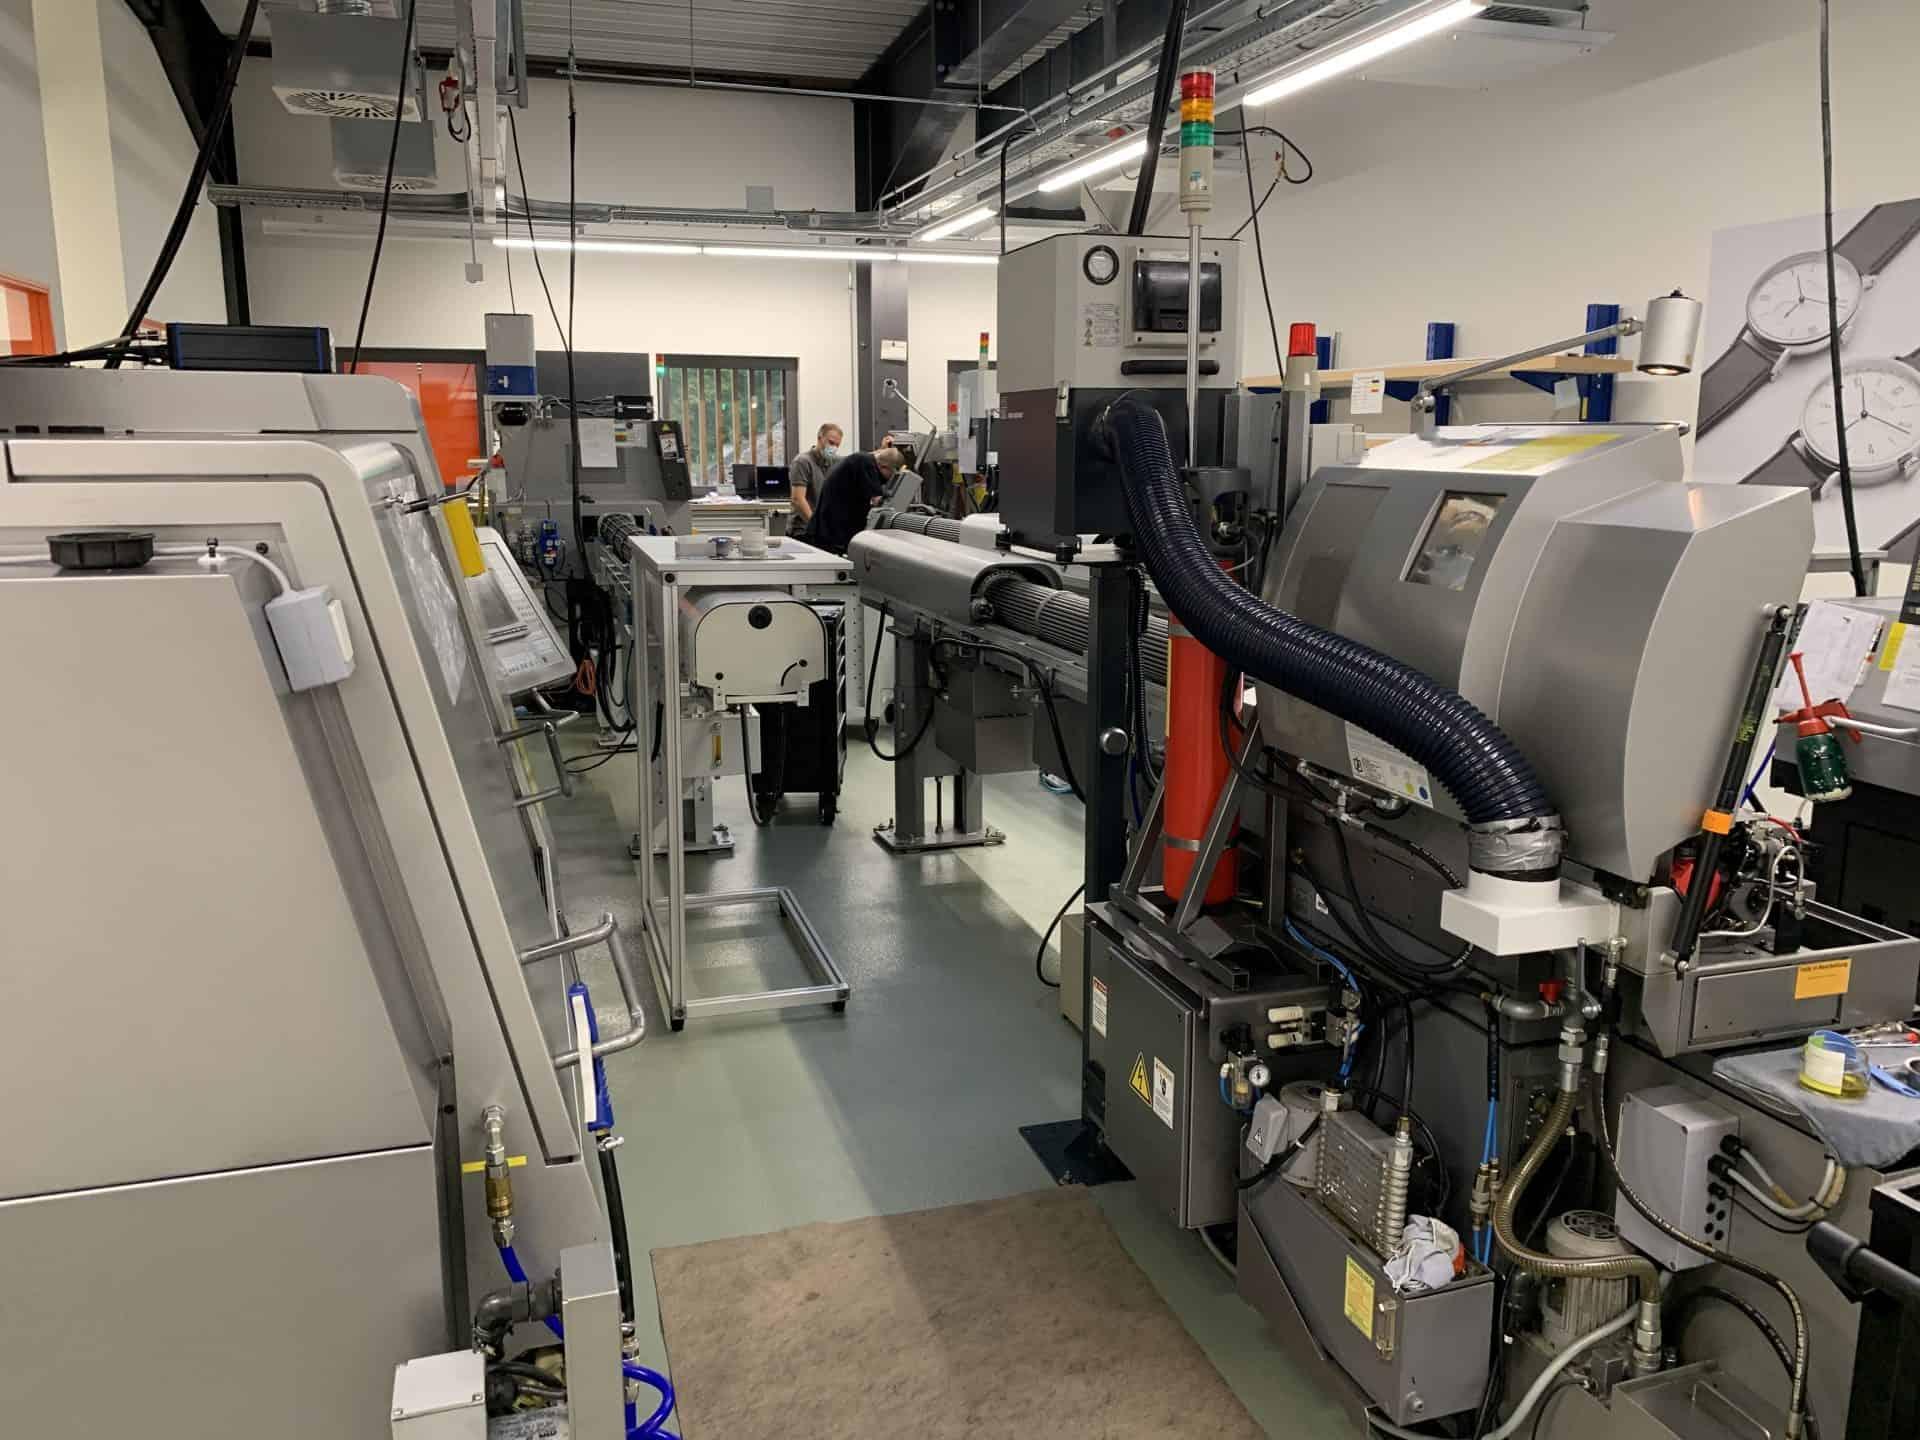 Langdrehmaschinen in der Nomos Glashütte Manufaktur